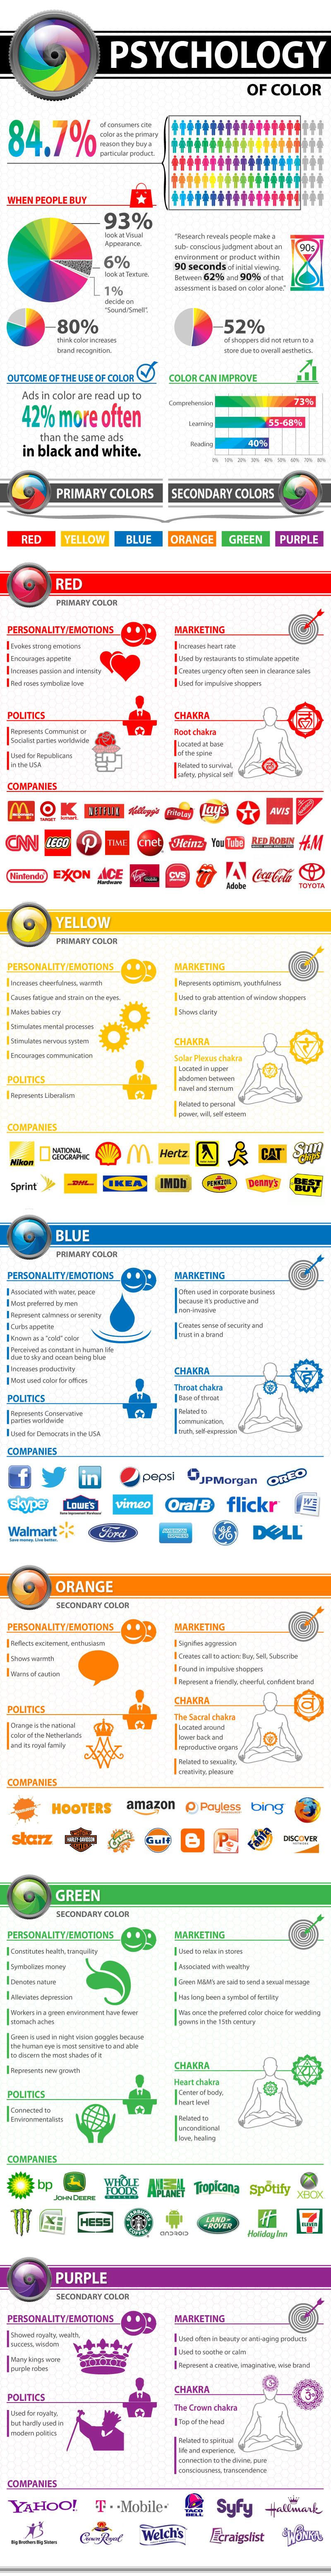 کدام رنگ برای سایت ما ، مناسب تر است ؟